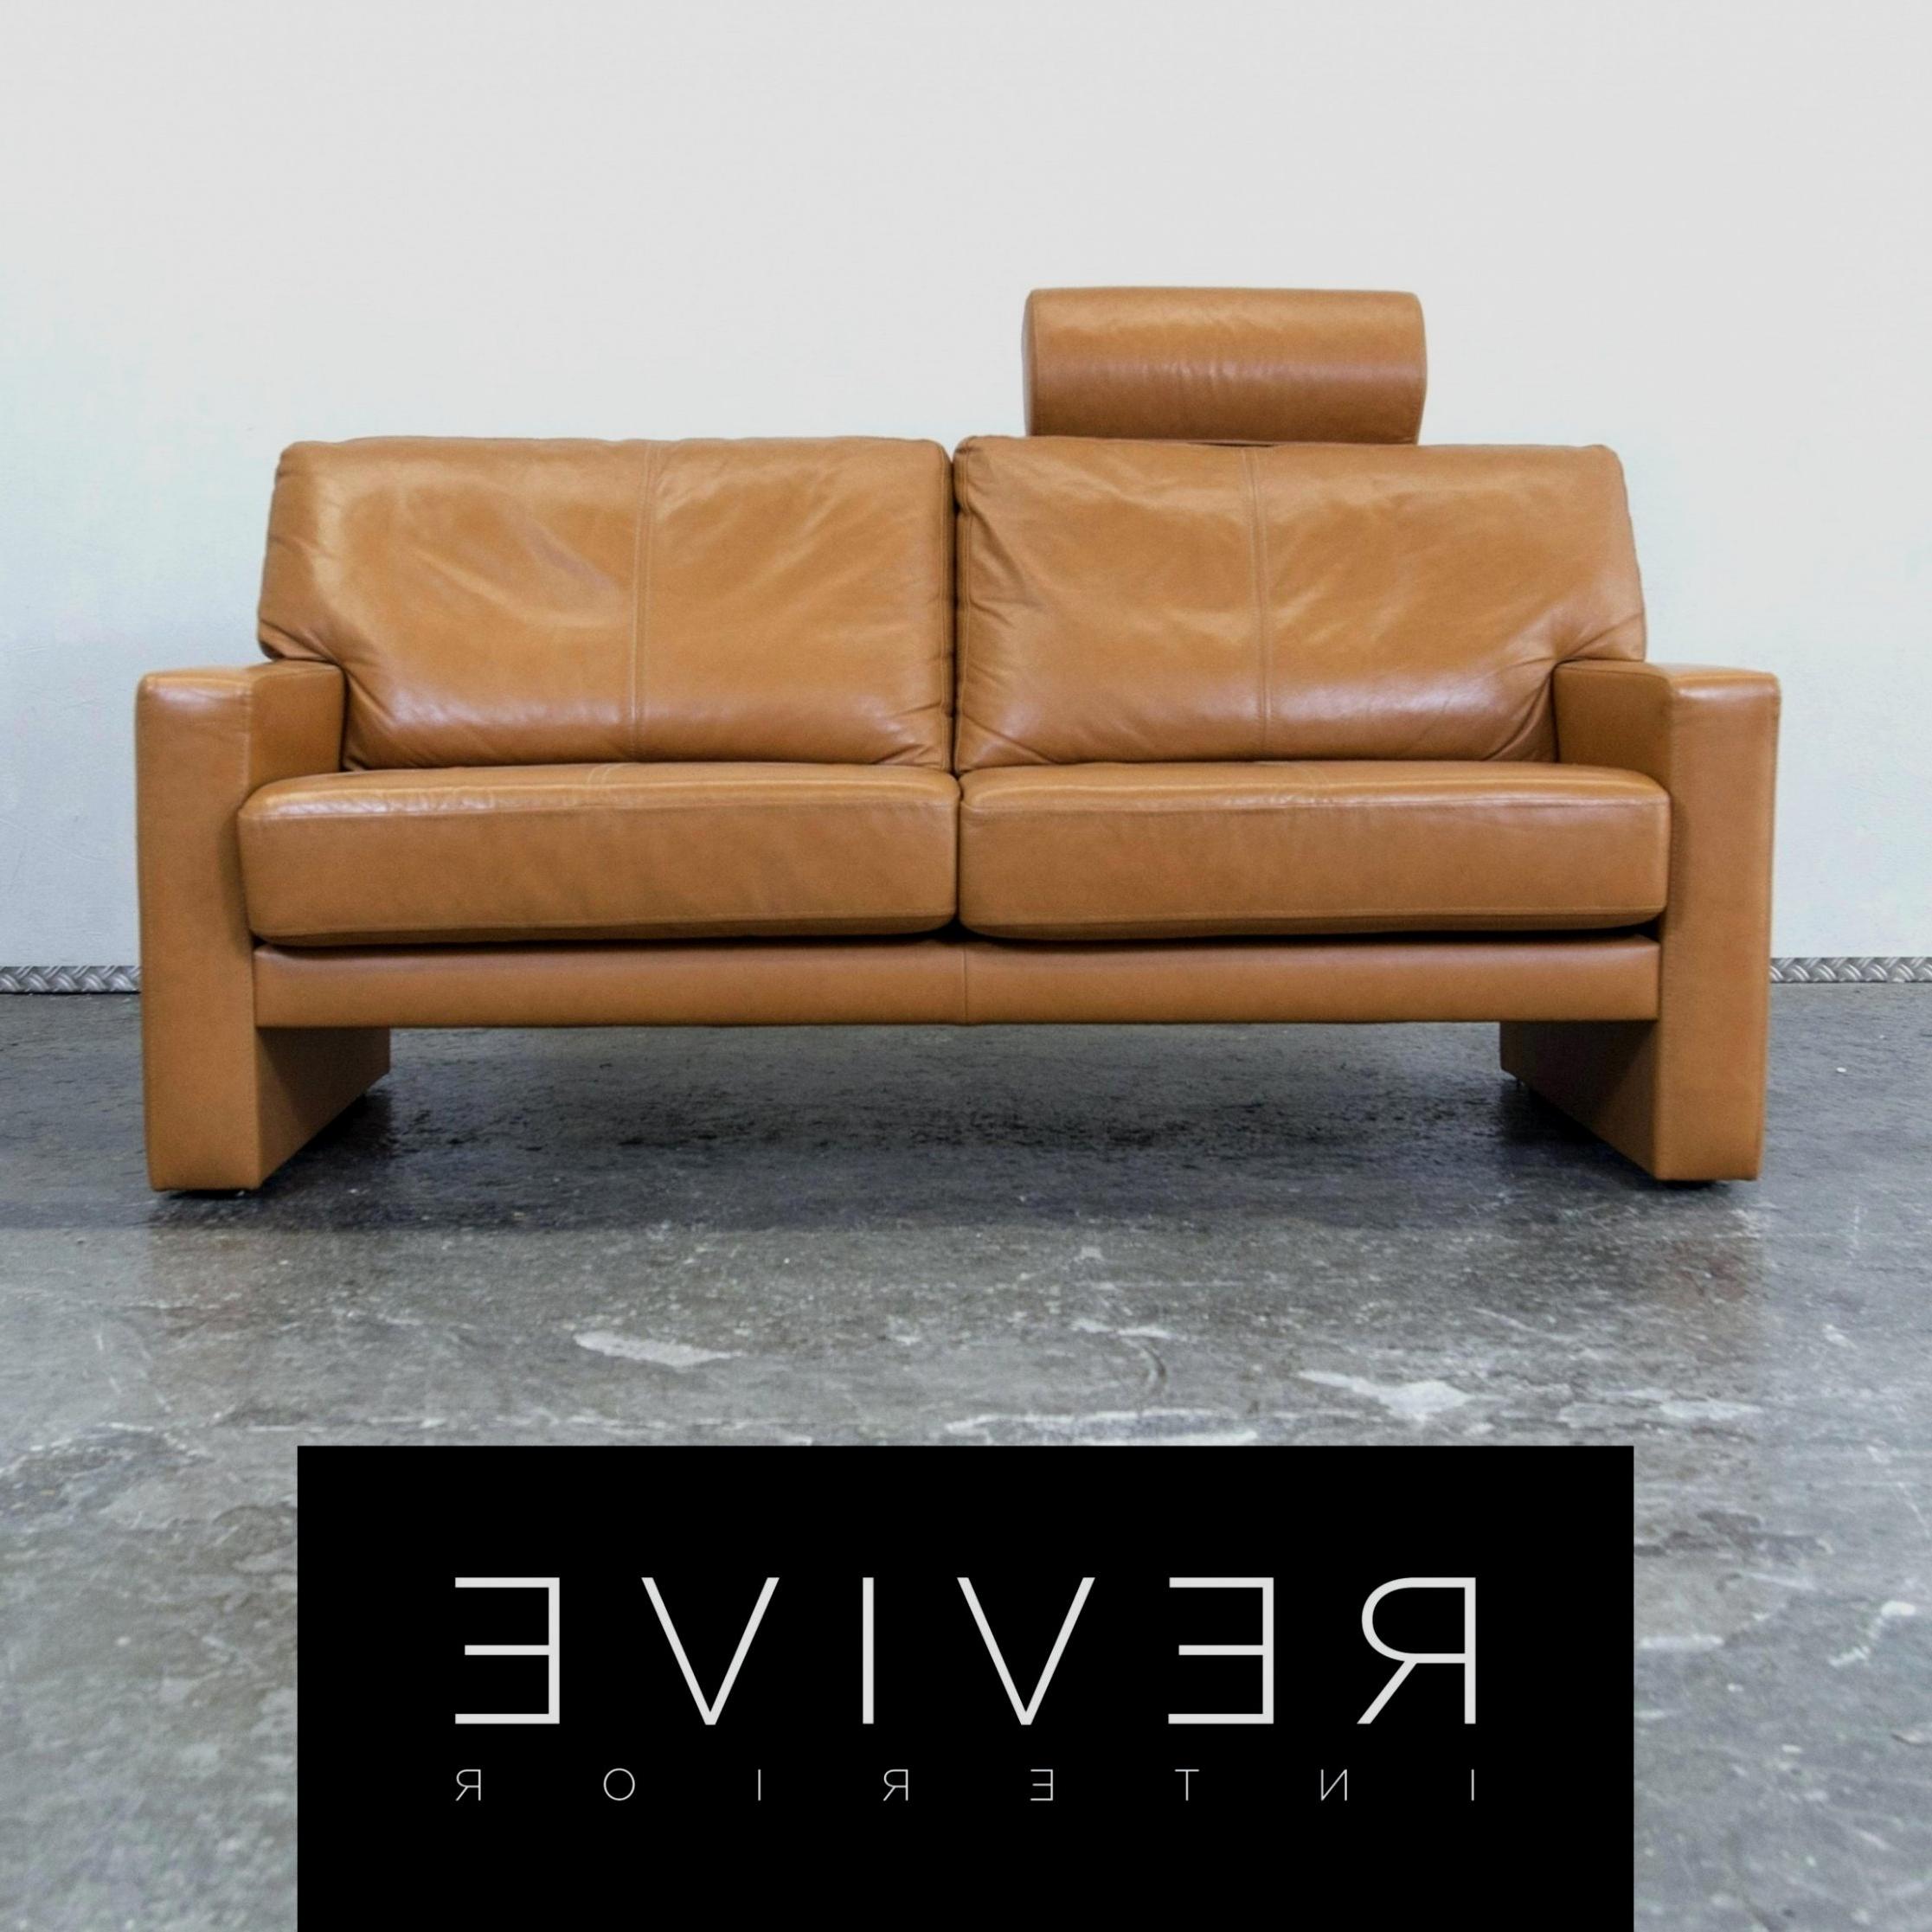 Sofas De Ocasion Wddj sofas De Ocasion Hermoso sofa De 42 Entwurf 1291swizz